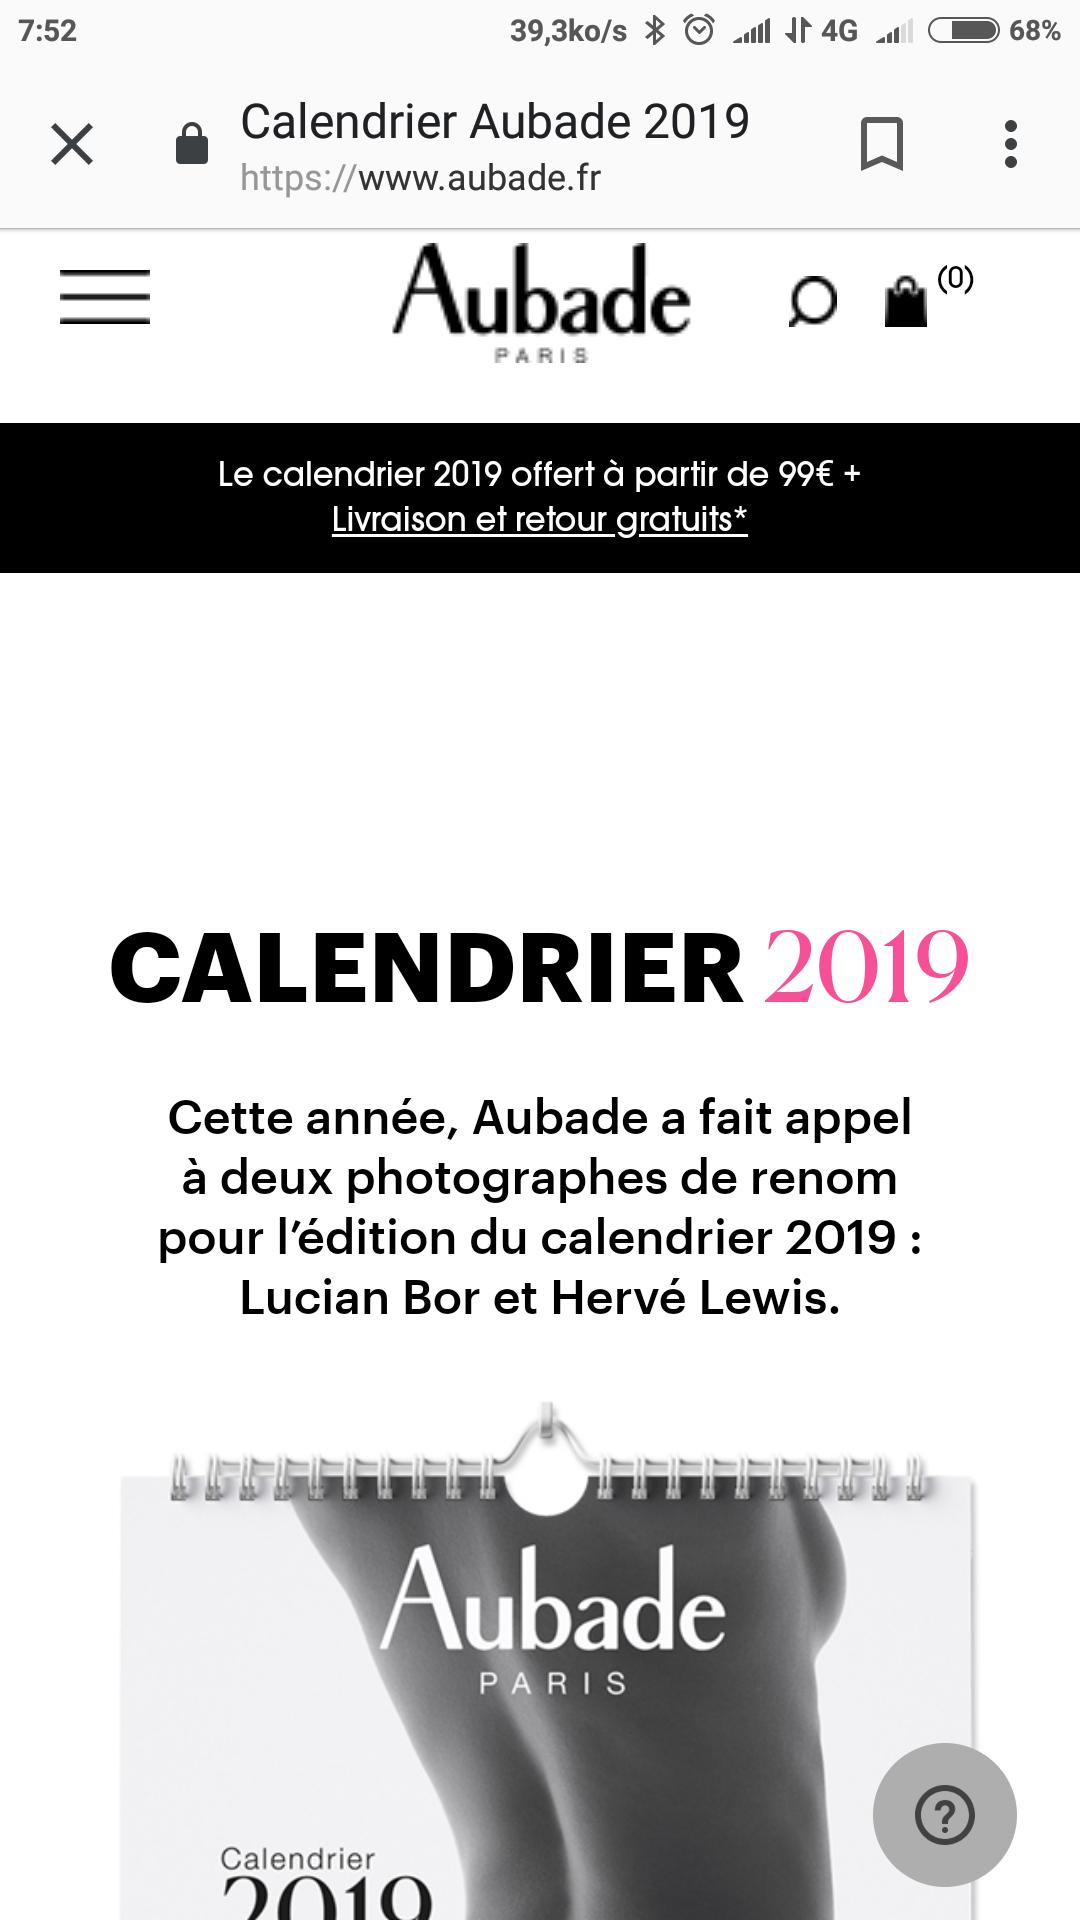 Calendrier Aubade 2019 gratuit à partir de 99€ d'achat + FDP et retours gratuit